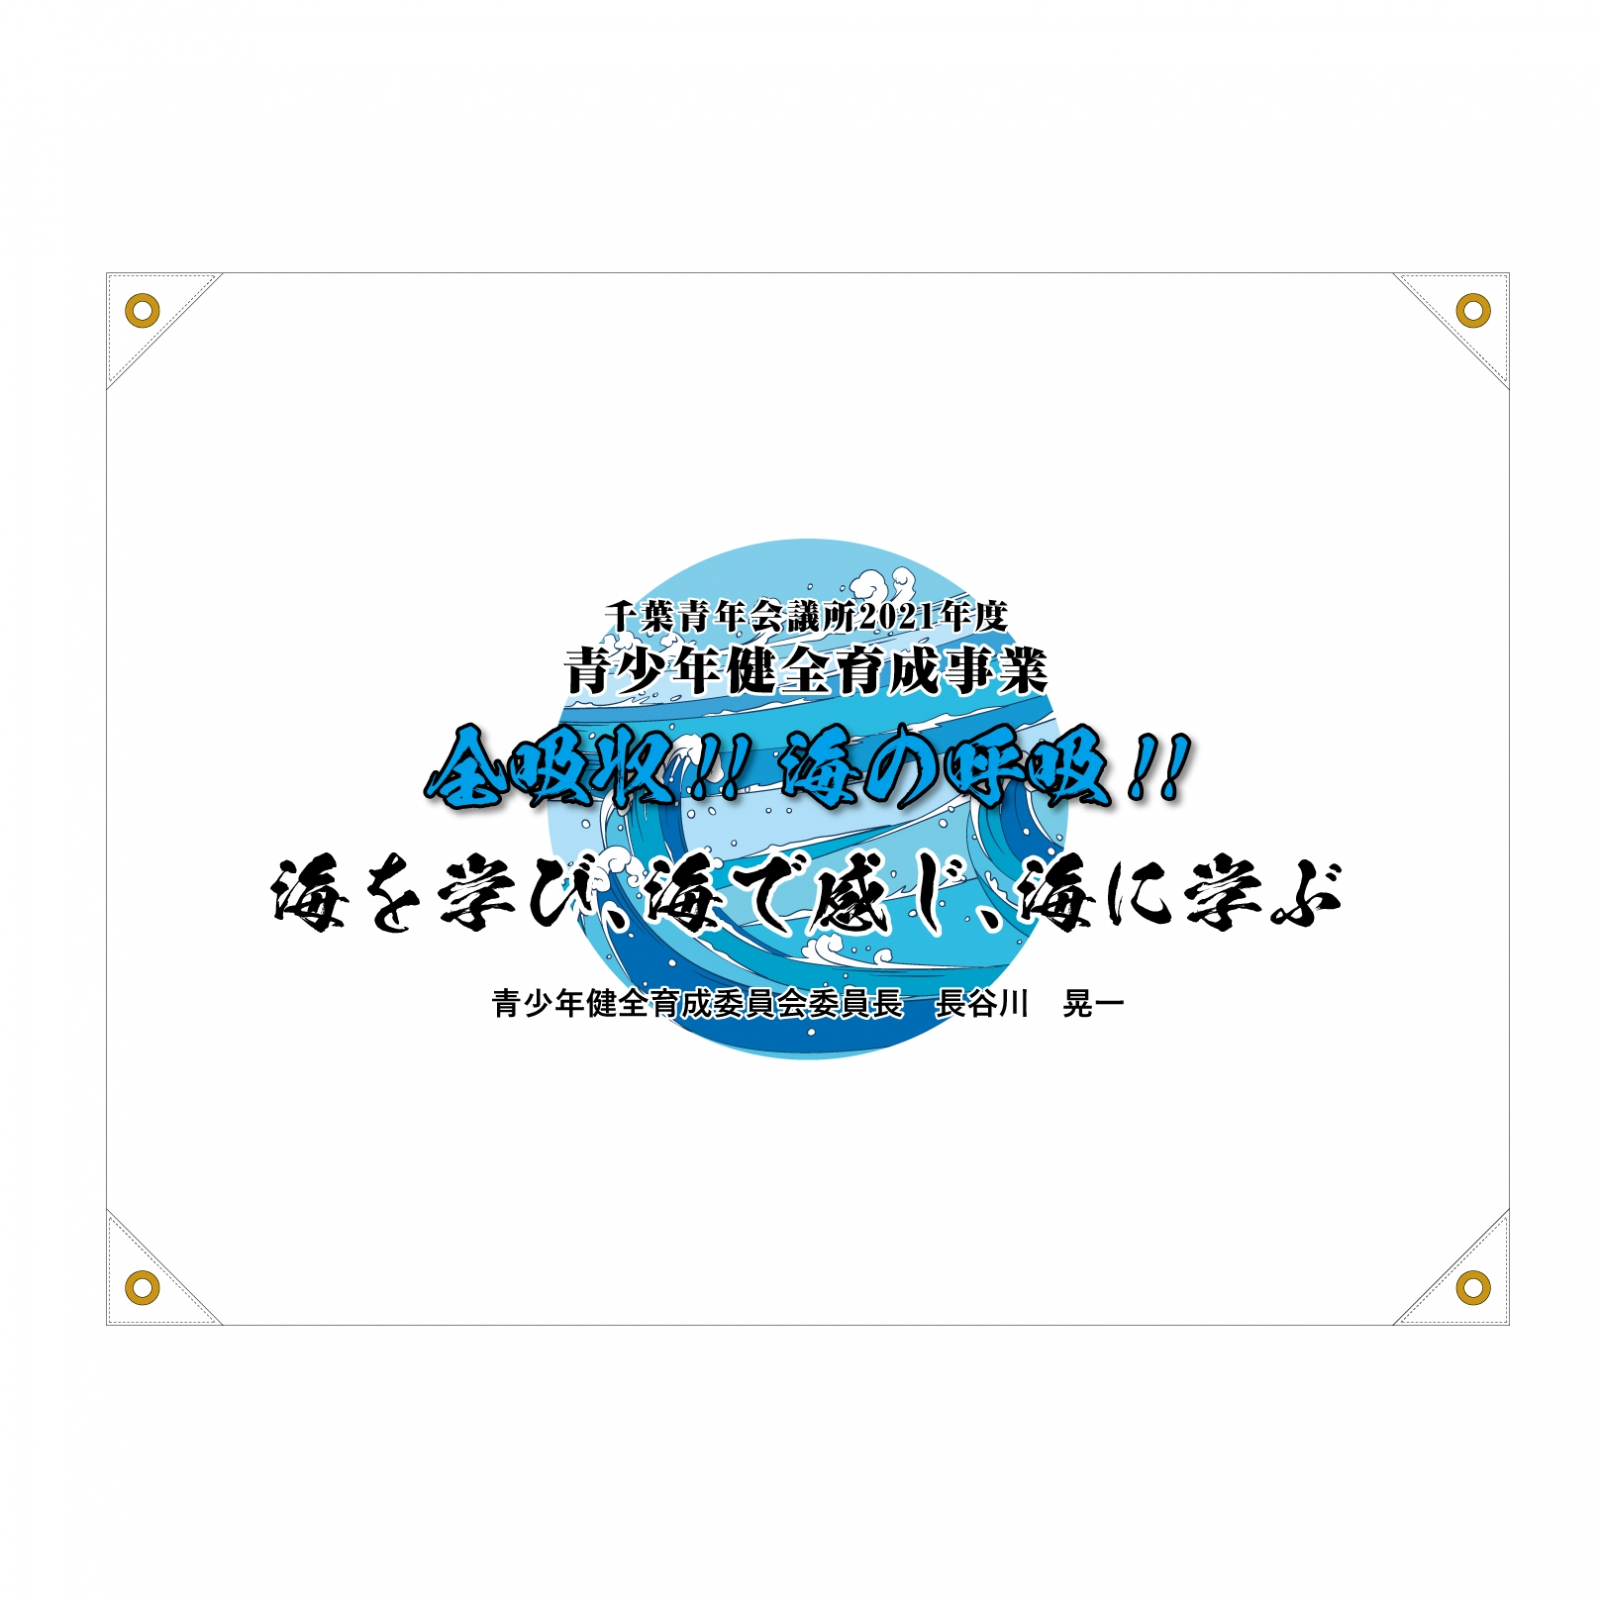 千葉青年会議所さんの寄せ書き旗